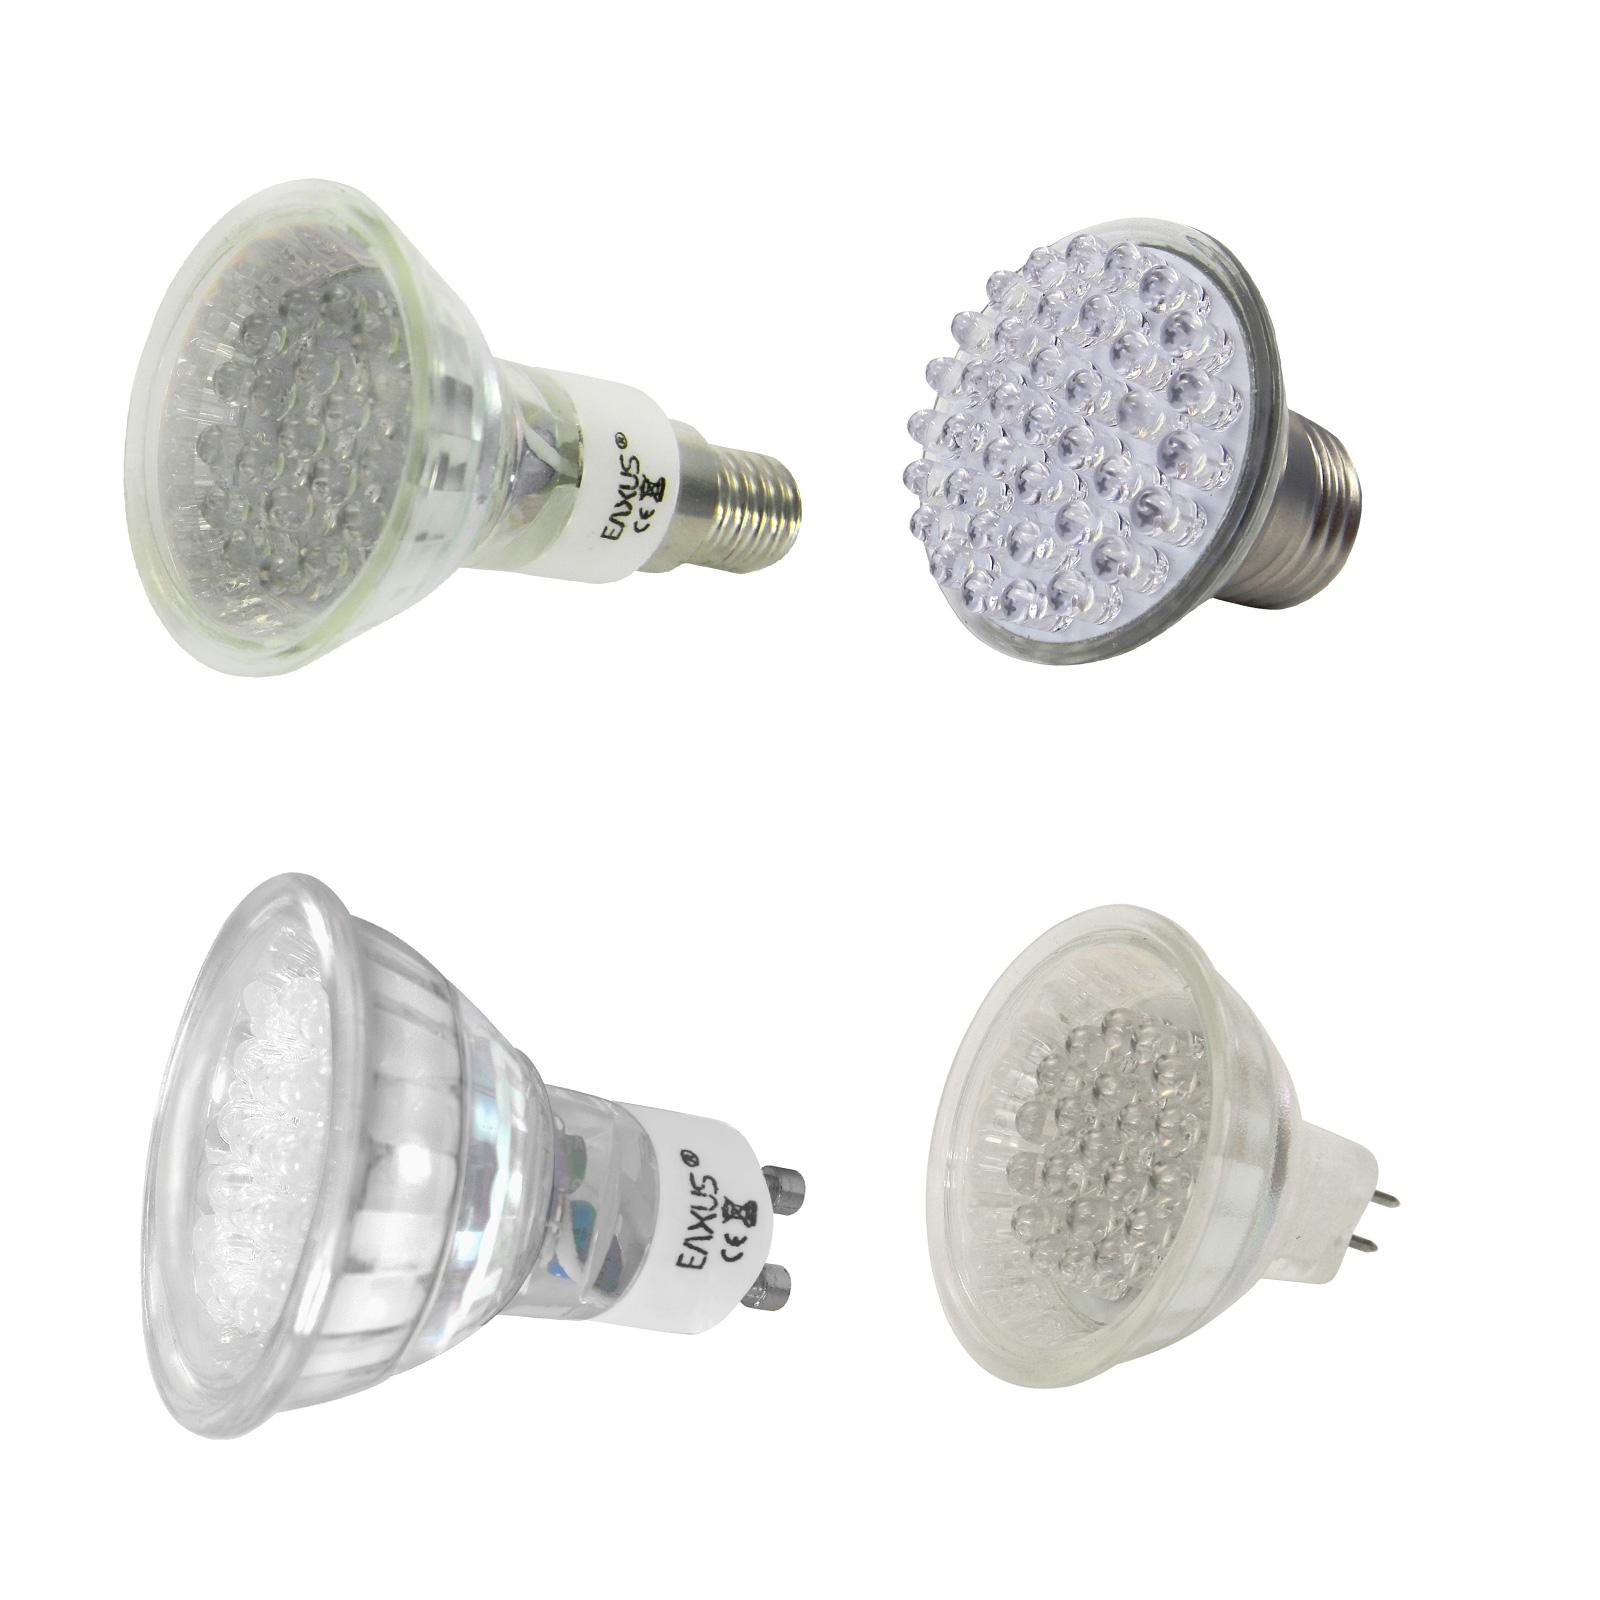 EAXUS-Spots-Strahler-Lampen-mit-20-LEDs-warmweiss-hellweiss-NEU-OVP